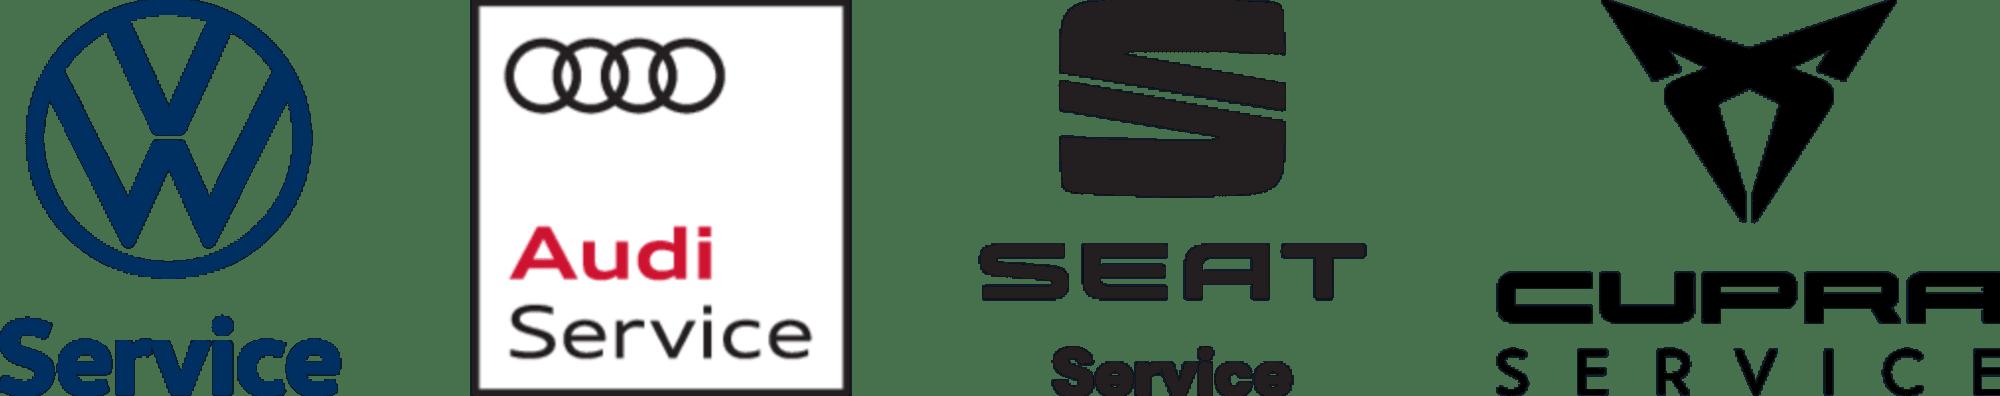 SP_Logo_Audi_Cupra_Seat_VW_cmyk..